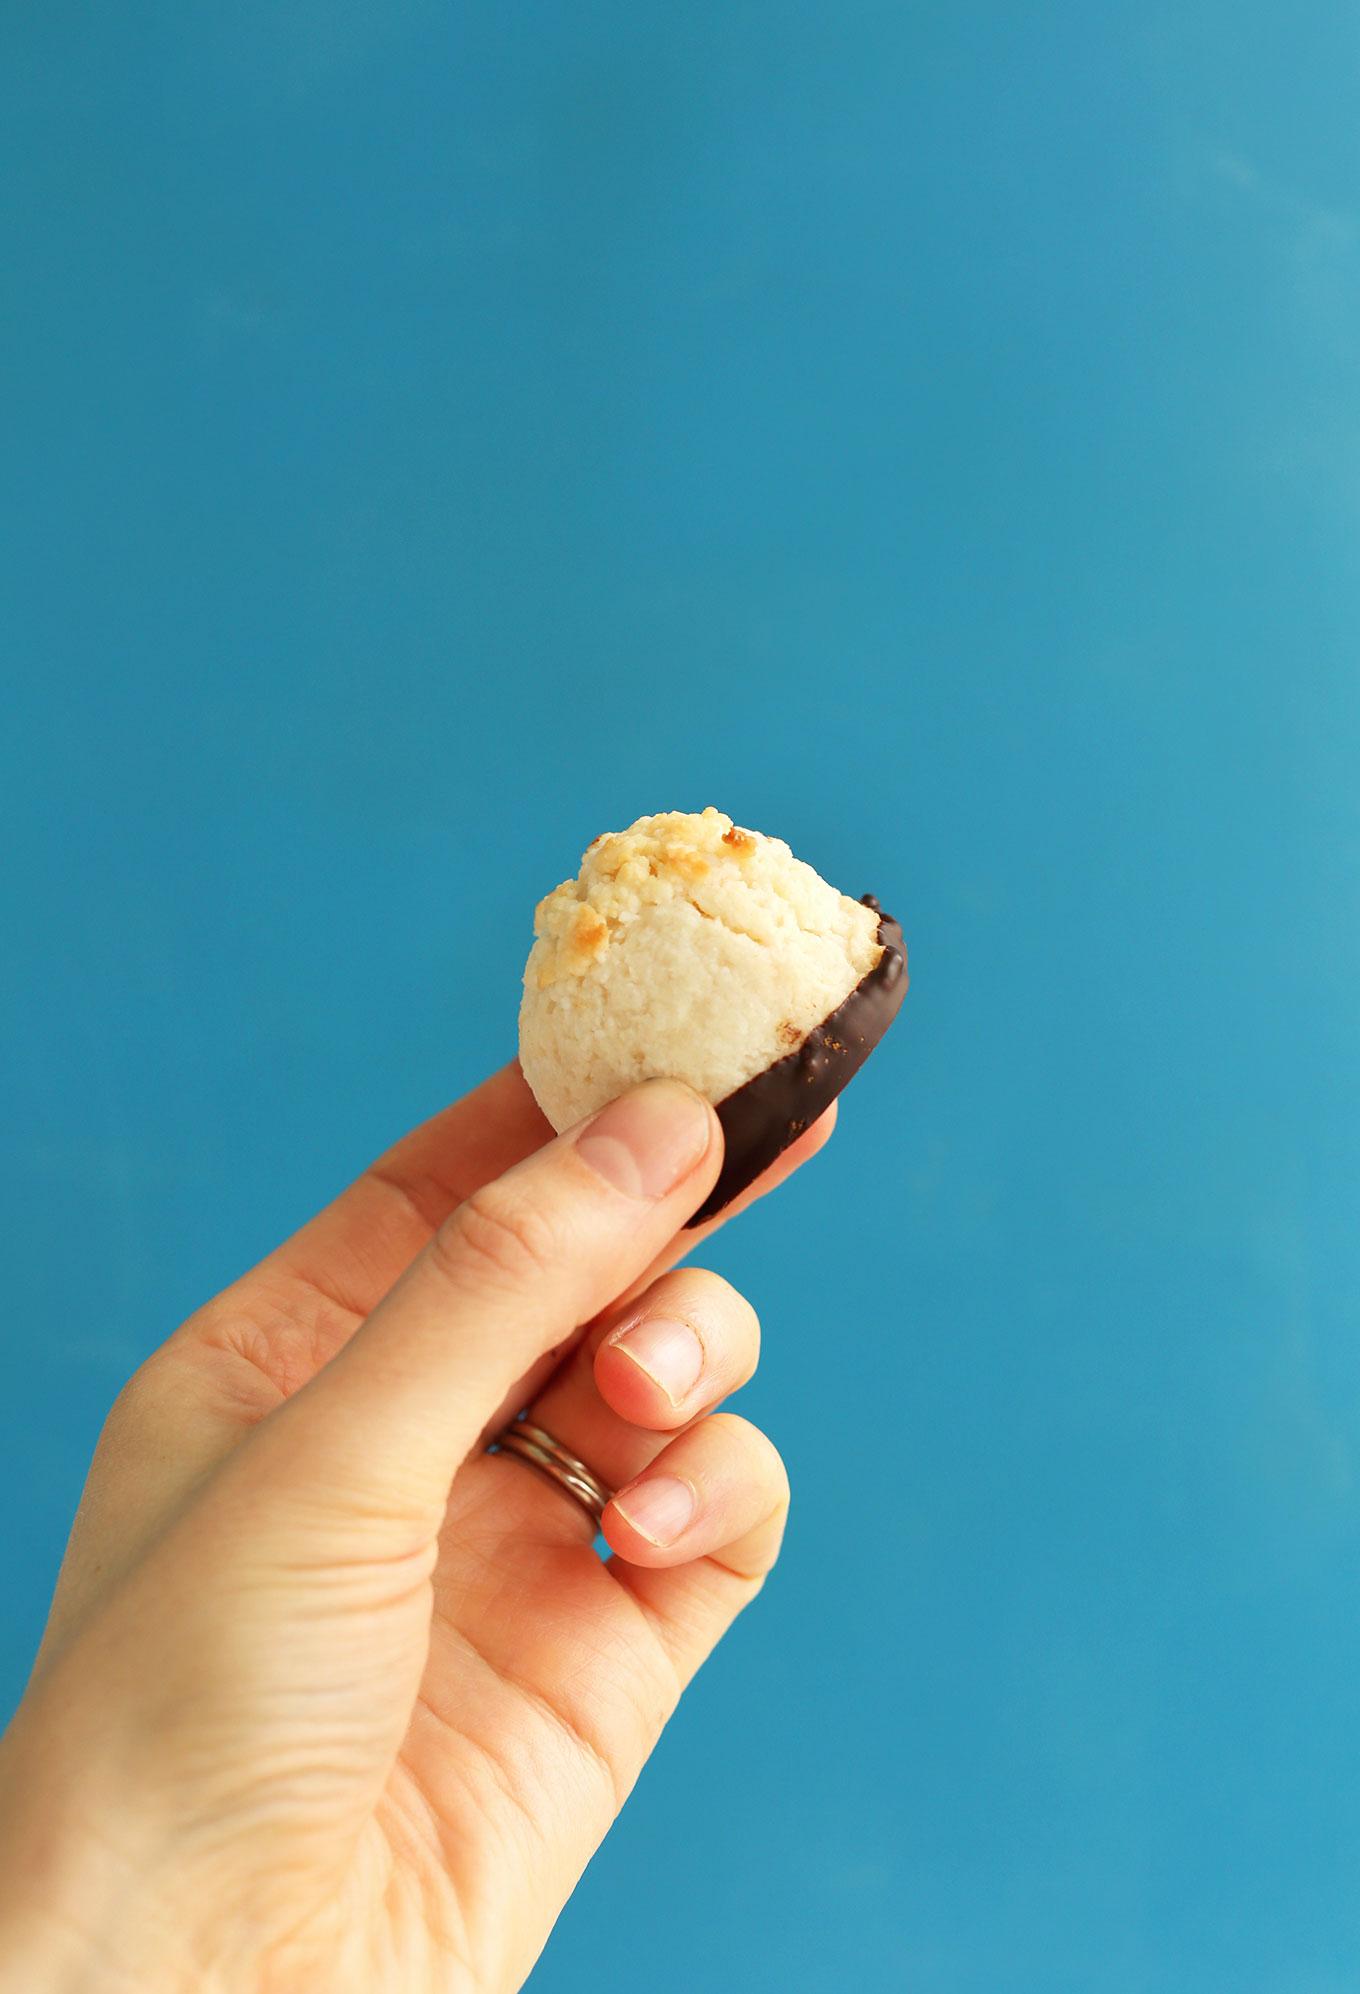 SIMPLE 5-Ingredient Macaroons dipped in Dark Chocolate! #vegan #glutenfree #minimalistbaker